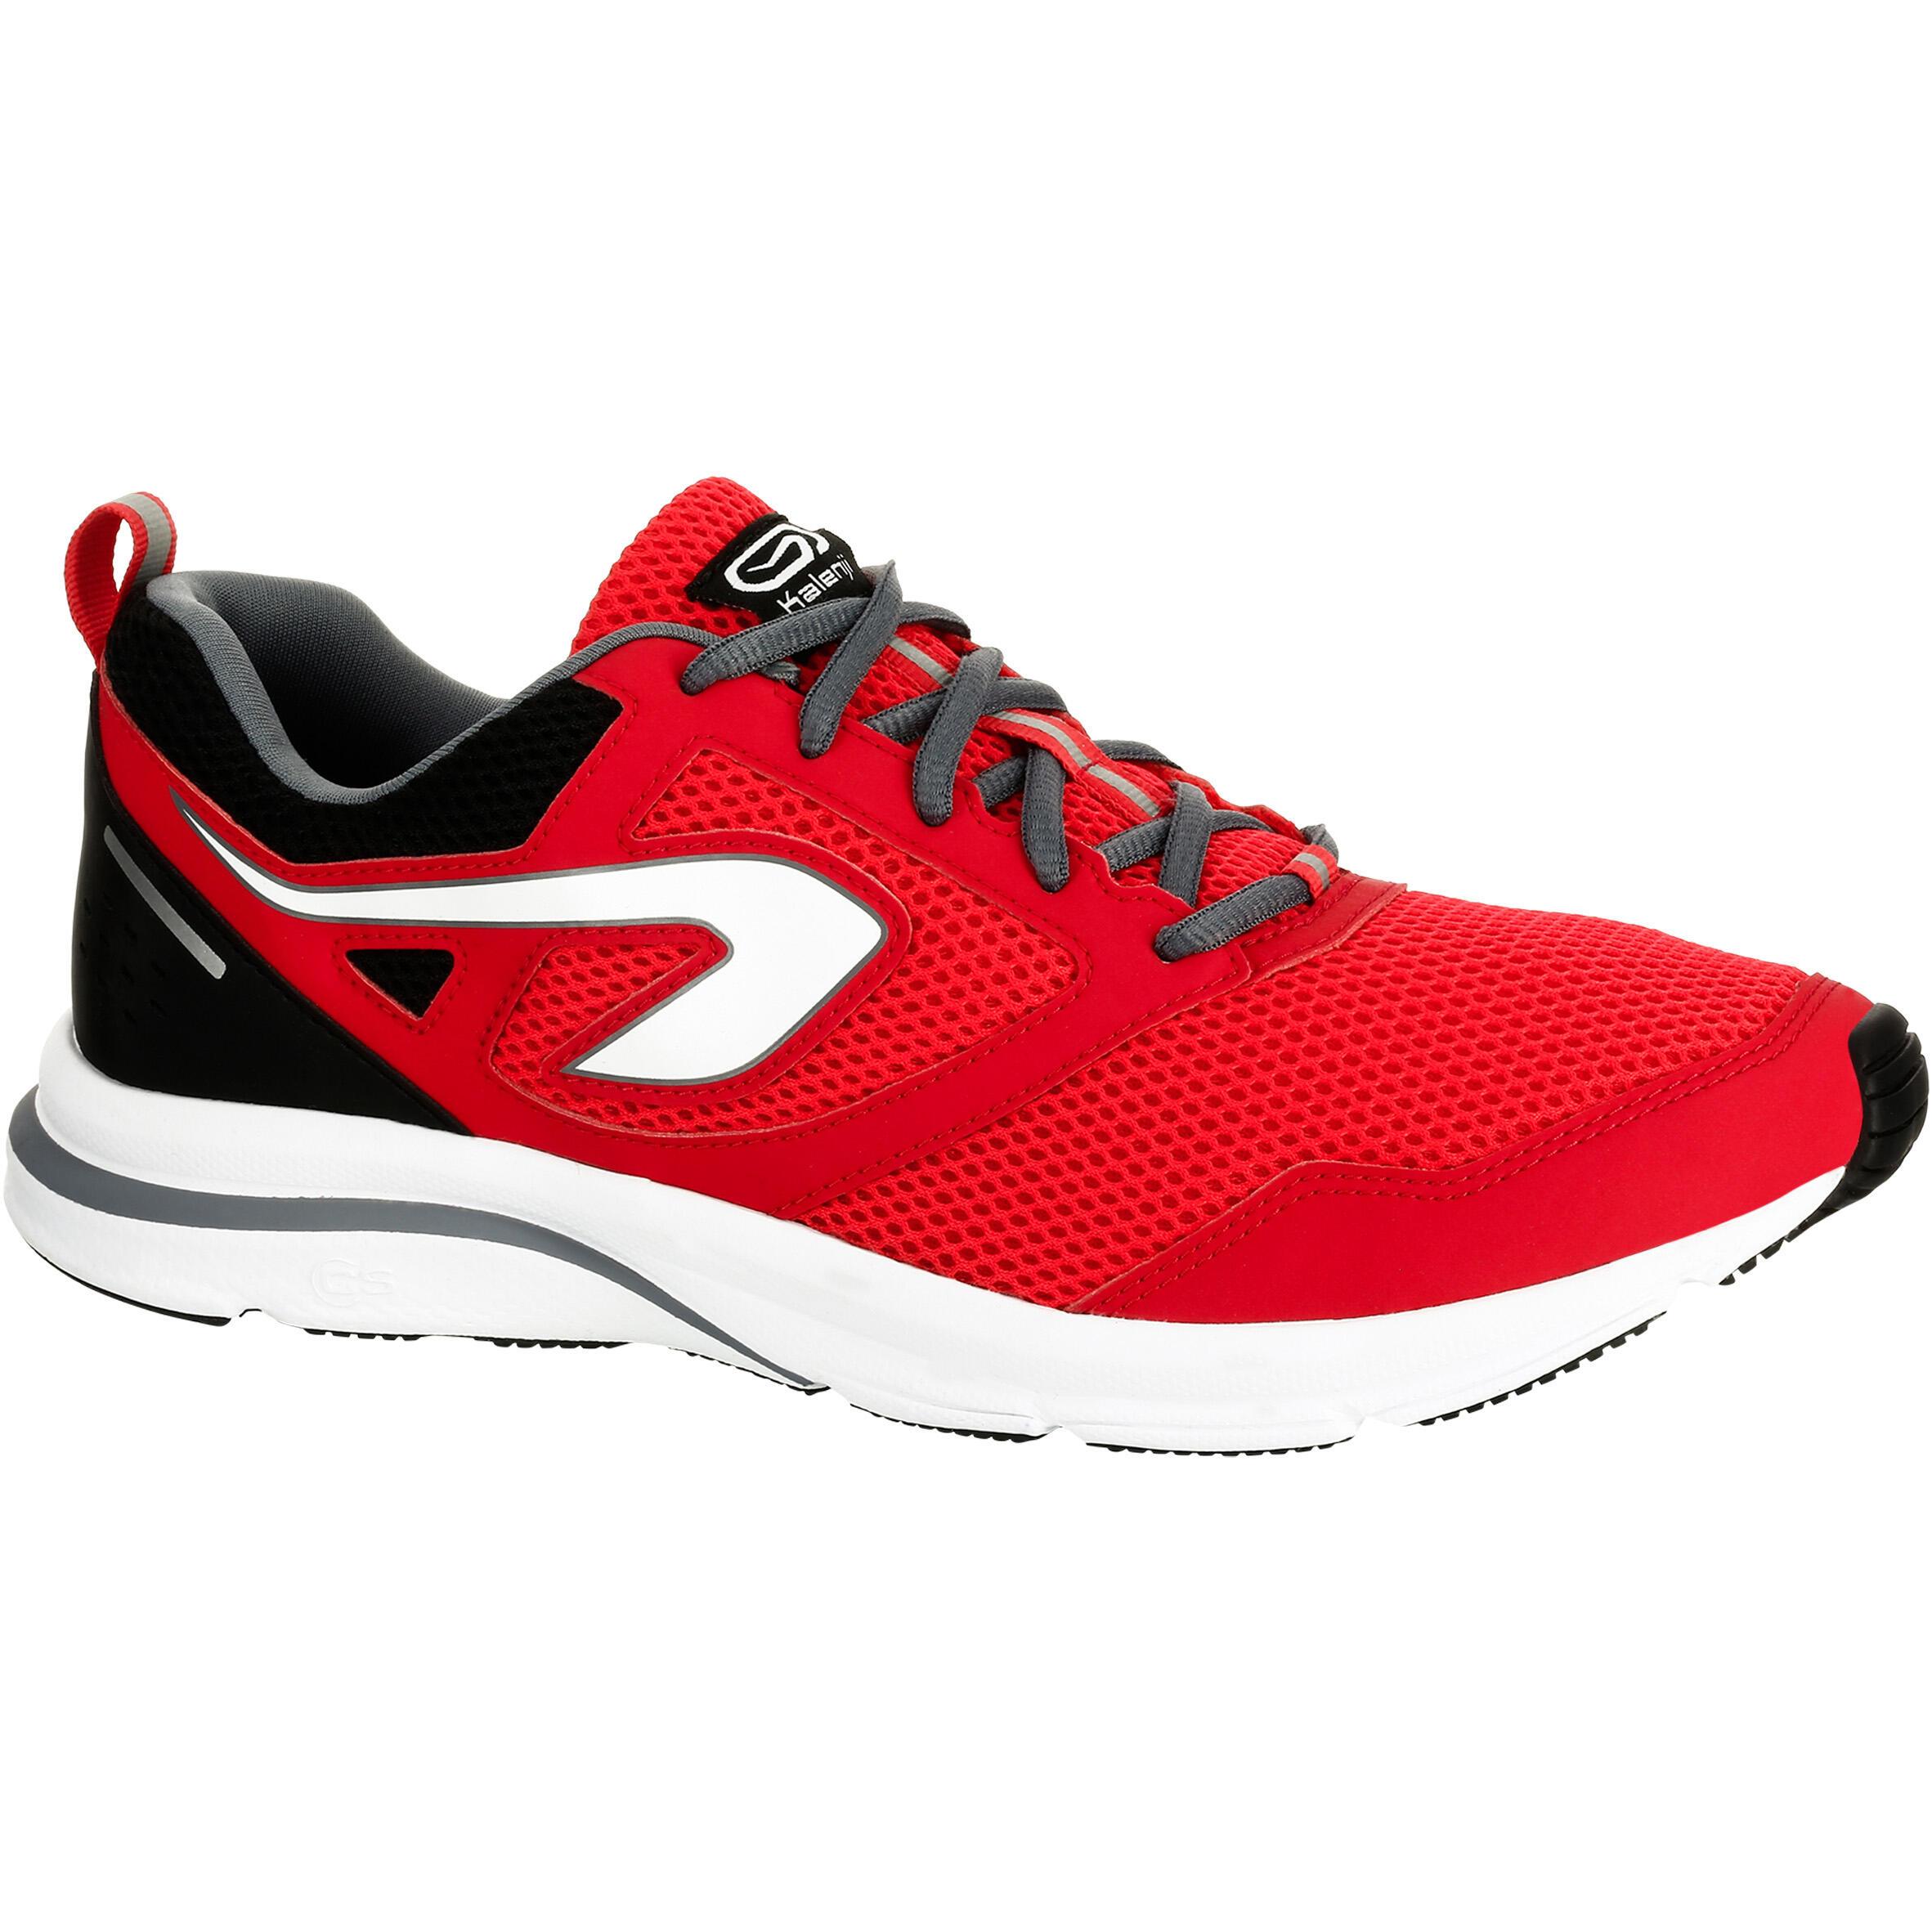 094debbe804 Kalenji Loopschoenen voor heren Run Active rood 2505898 Alles voor het  hardlopen Hardlopen